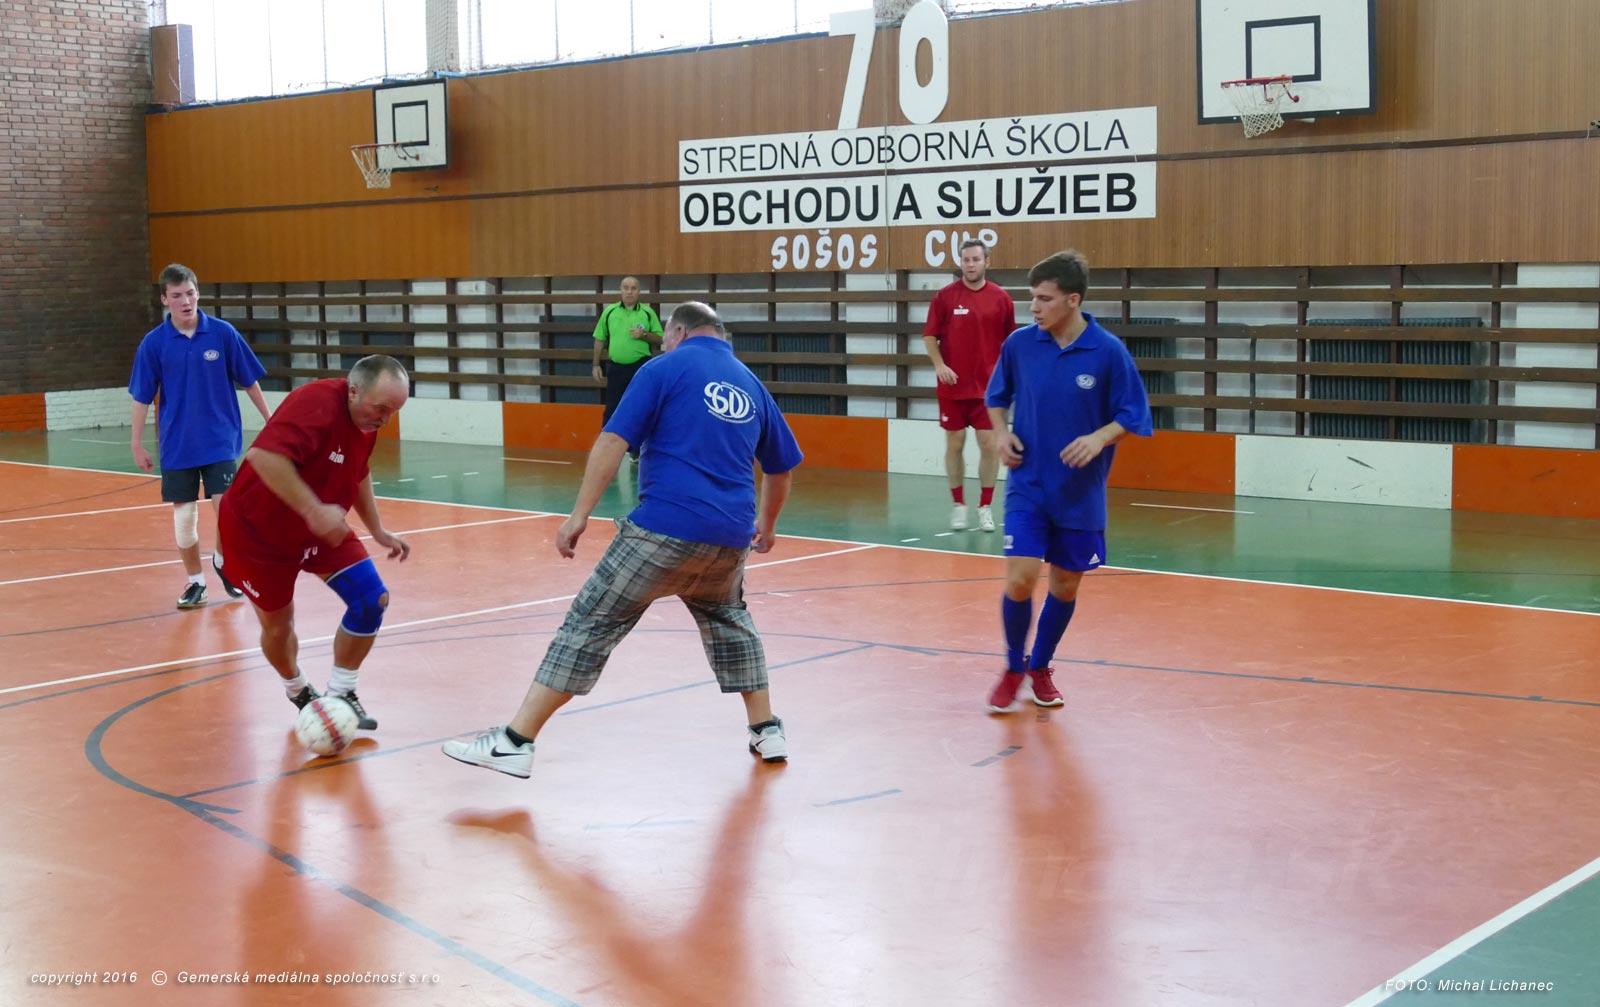 DOPLNENÉ  Na SOŠOS založili tradíciu nového medzinárodného turnaja.  Oslavujú 70. výročie školy  4729fde81e1